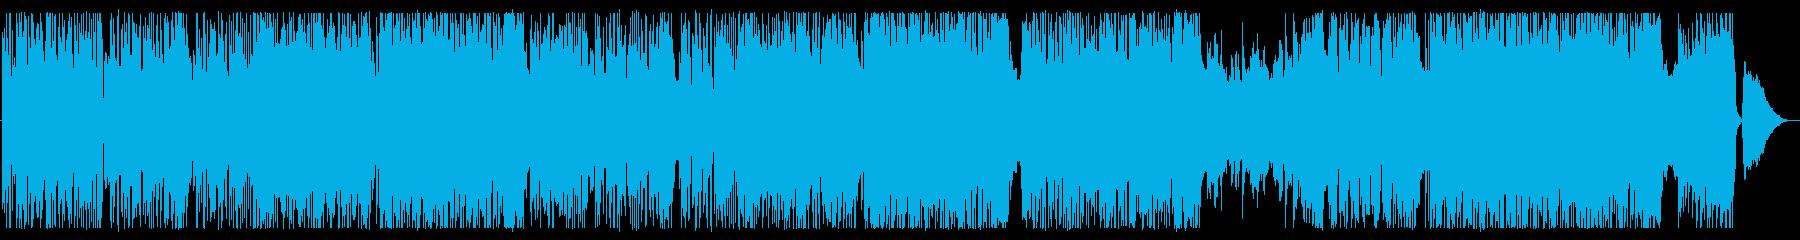 サビの連呼が印象的なかっこかわいいロックの再生済みの波形